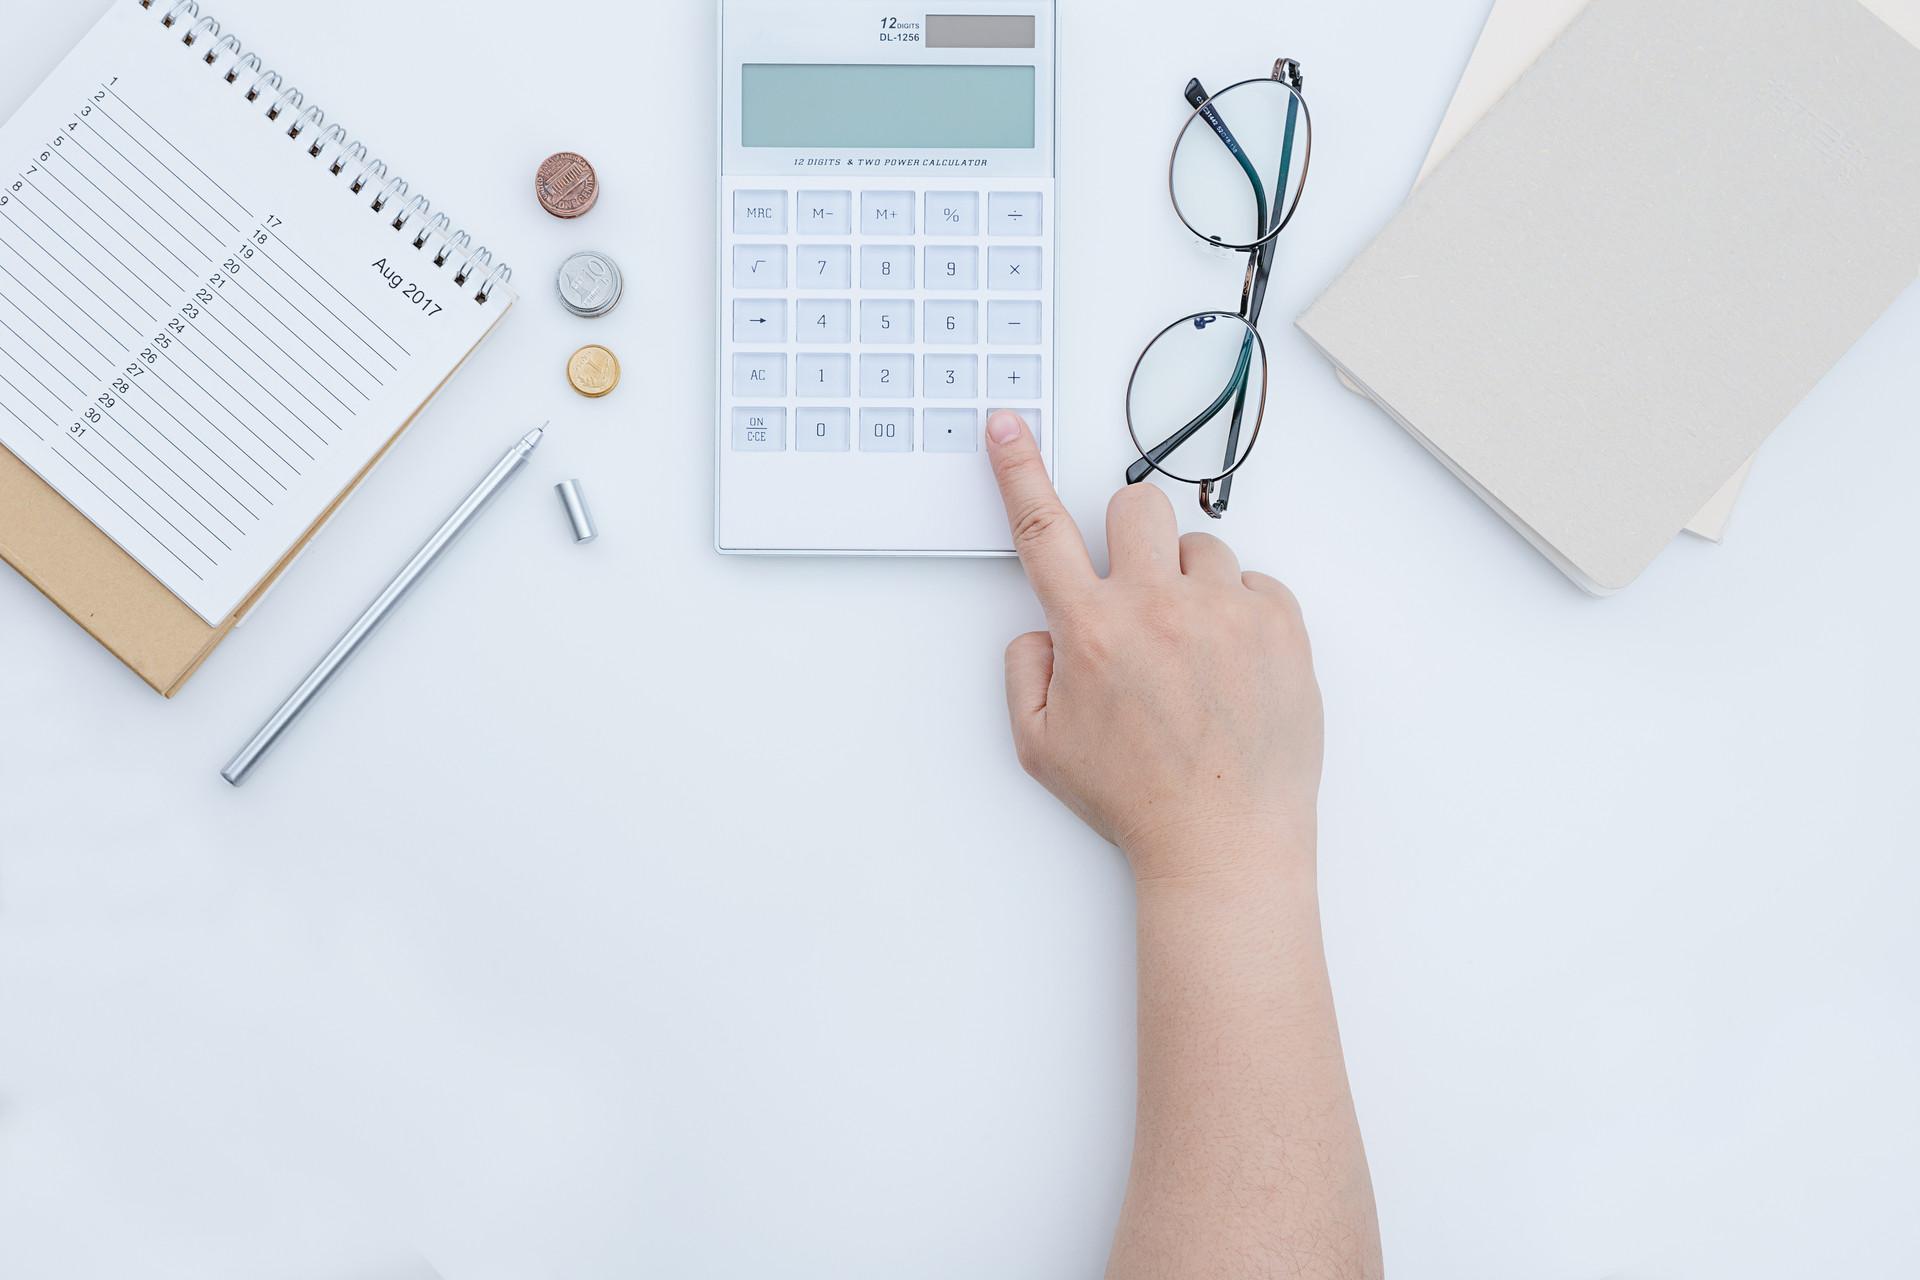 如何利用excel里的函数做工资条?干货满满